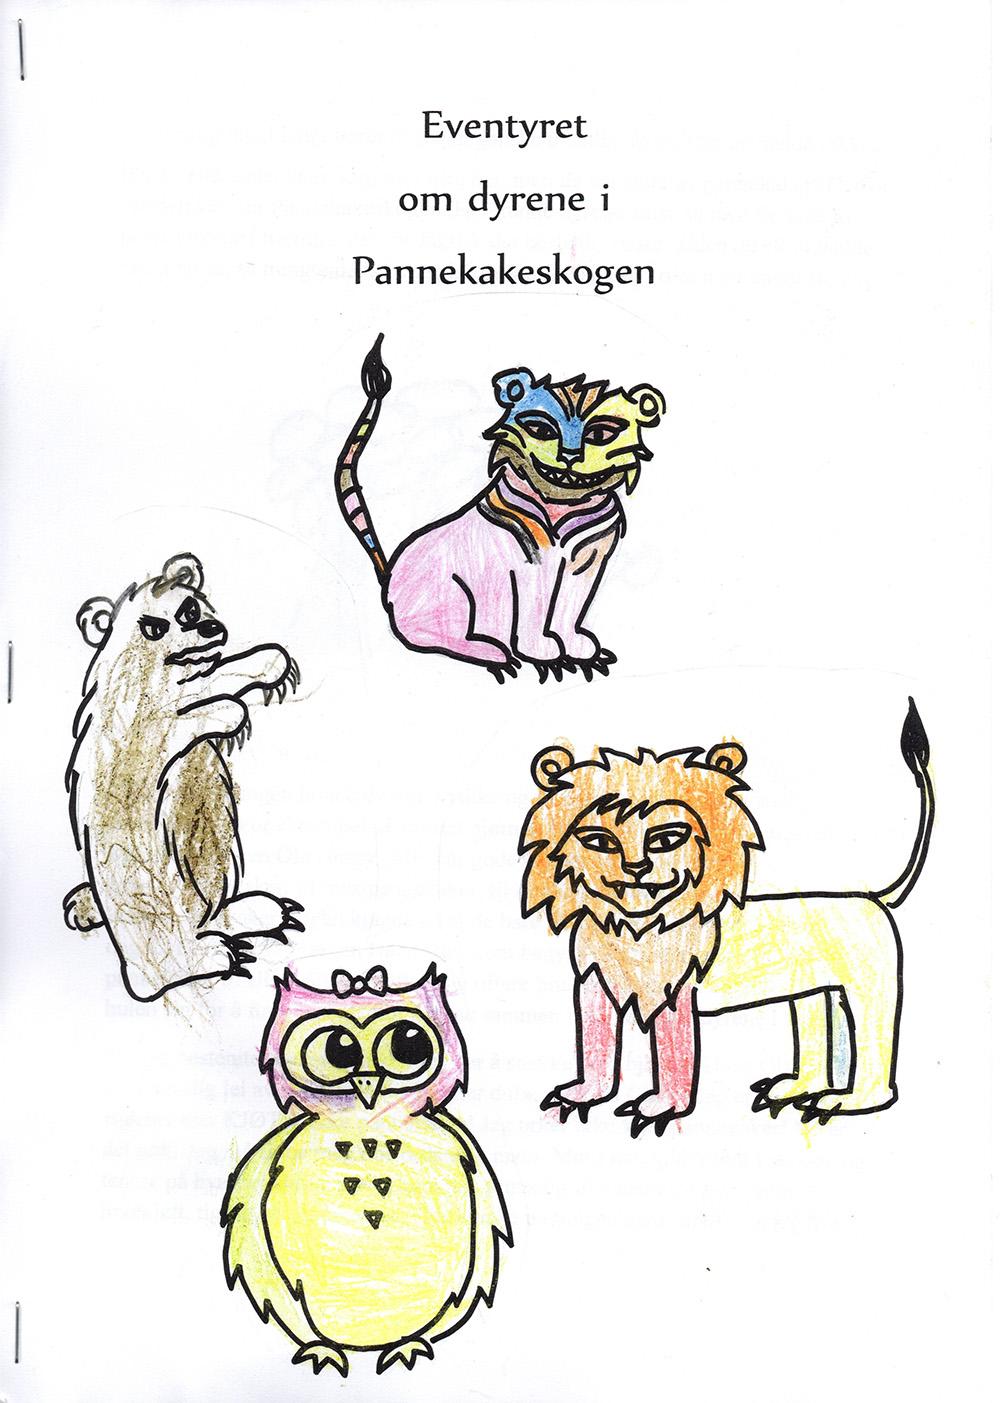 Eventyret om dyrene i Pannekakeskogen